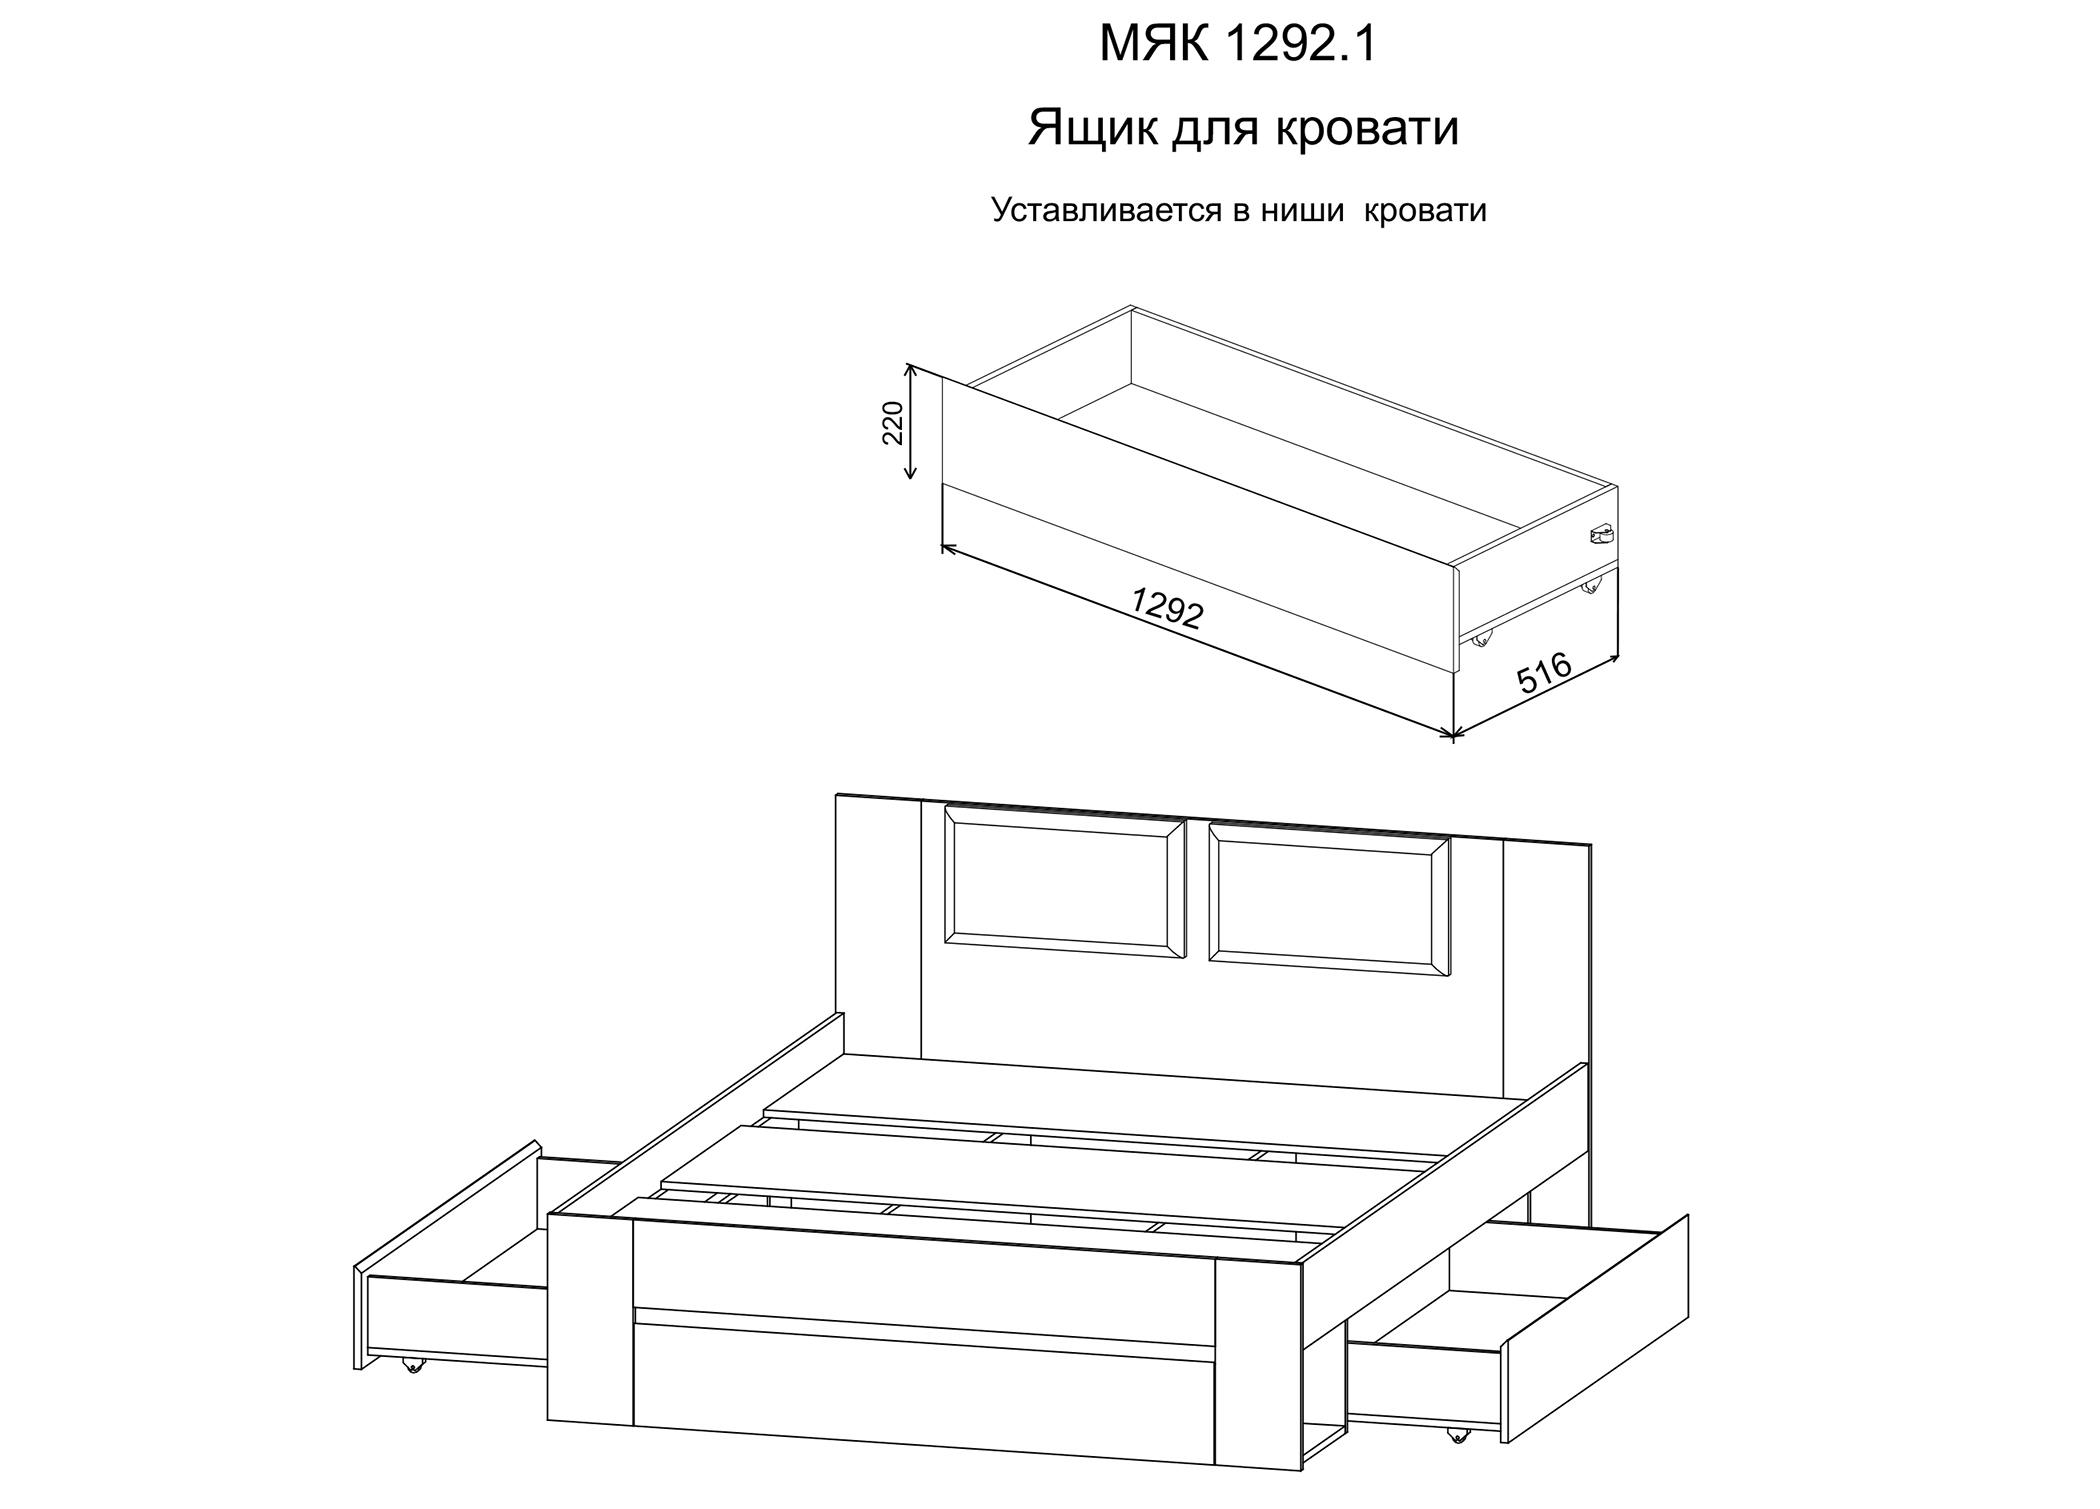 Марли ящик для кровати МЯК 1292.1